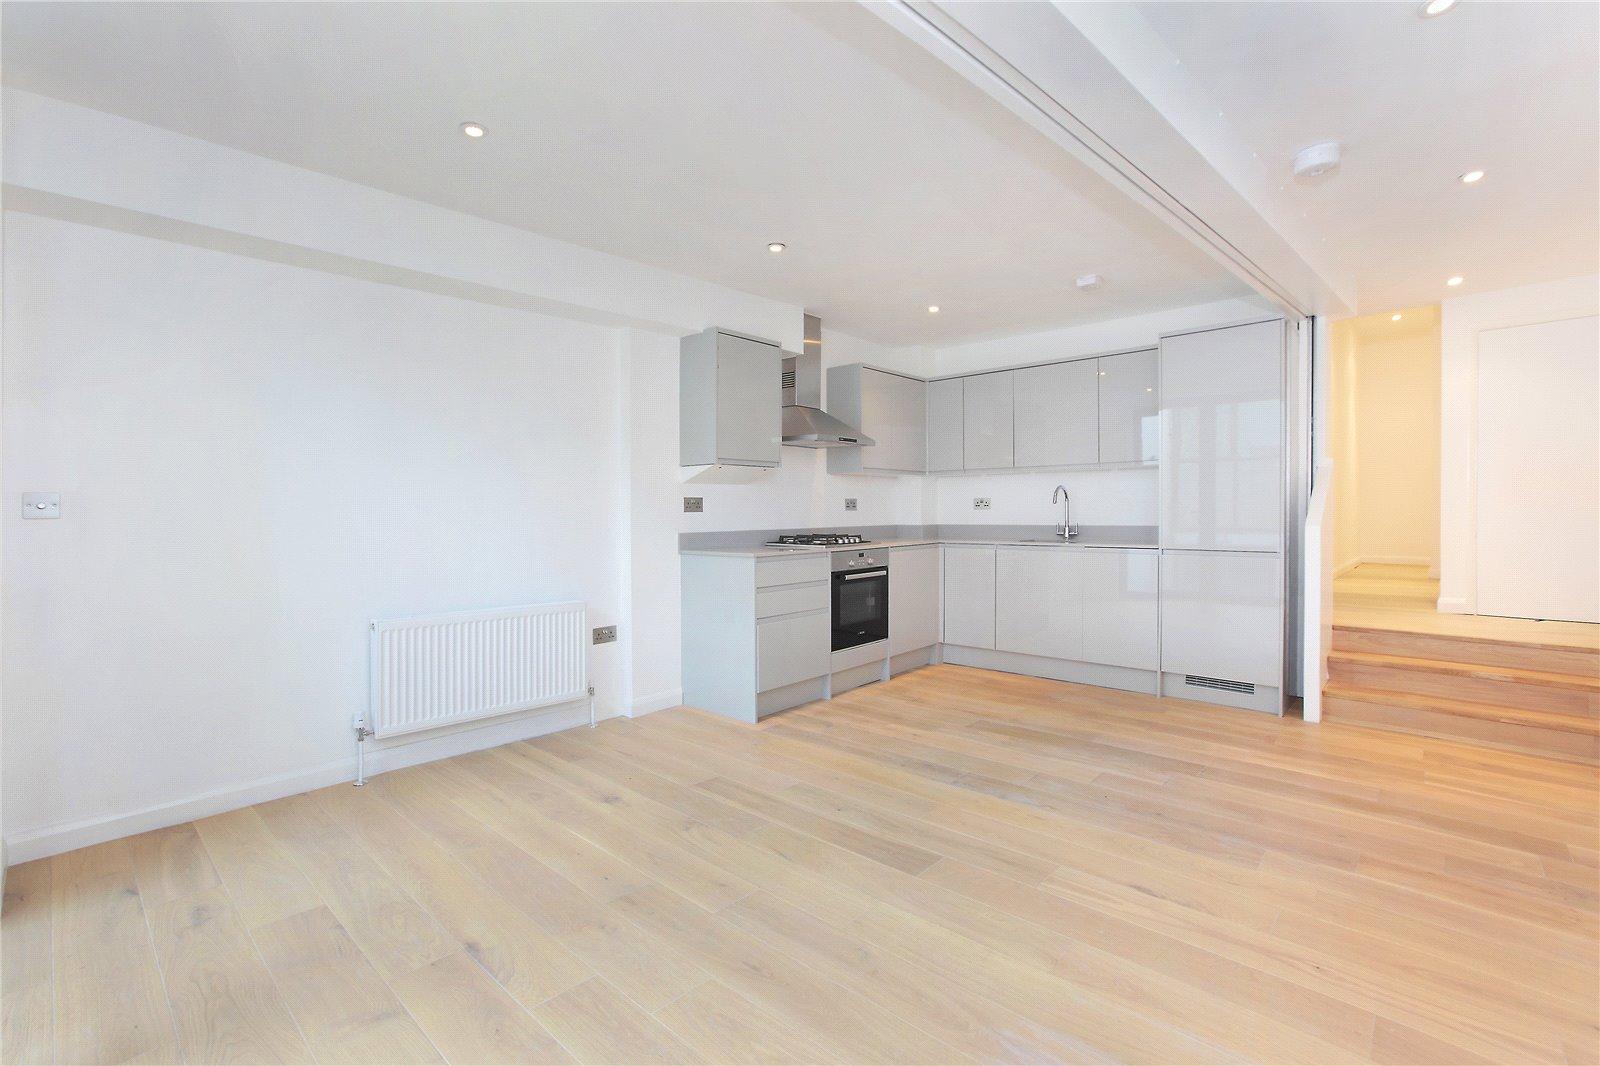 2 Bedrooms Flat for sale in St John's Hill, Battersea, London, SW11